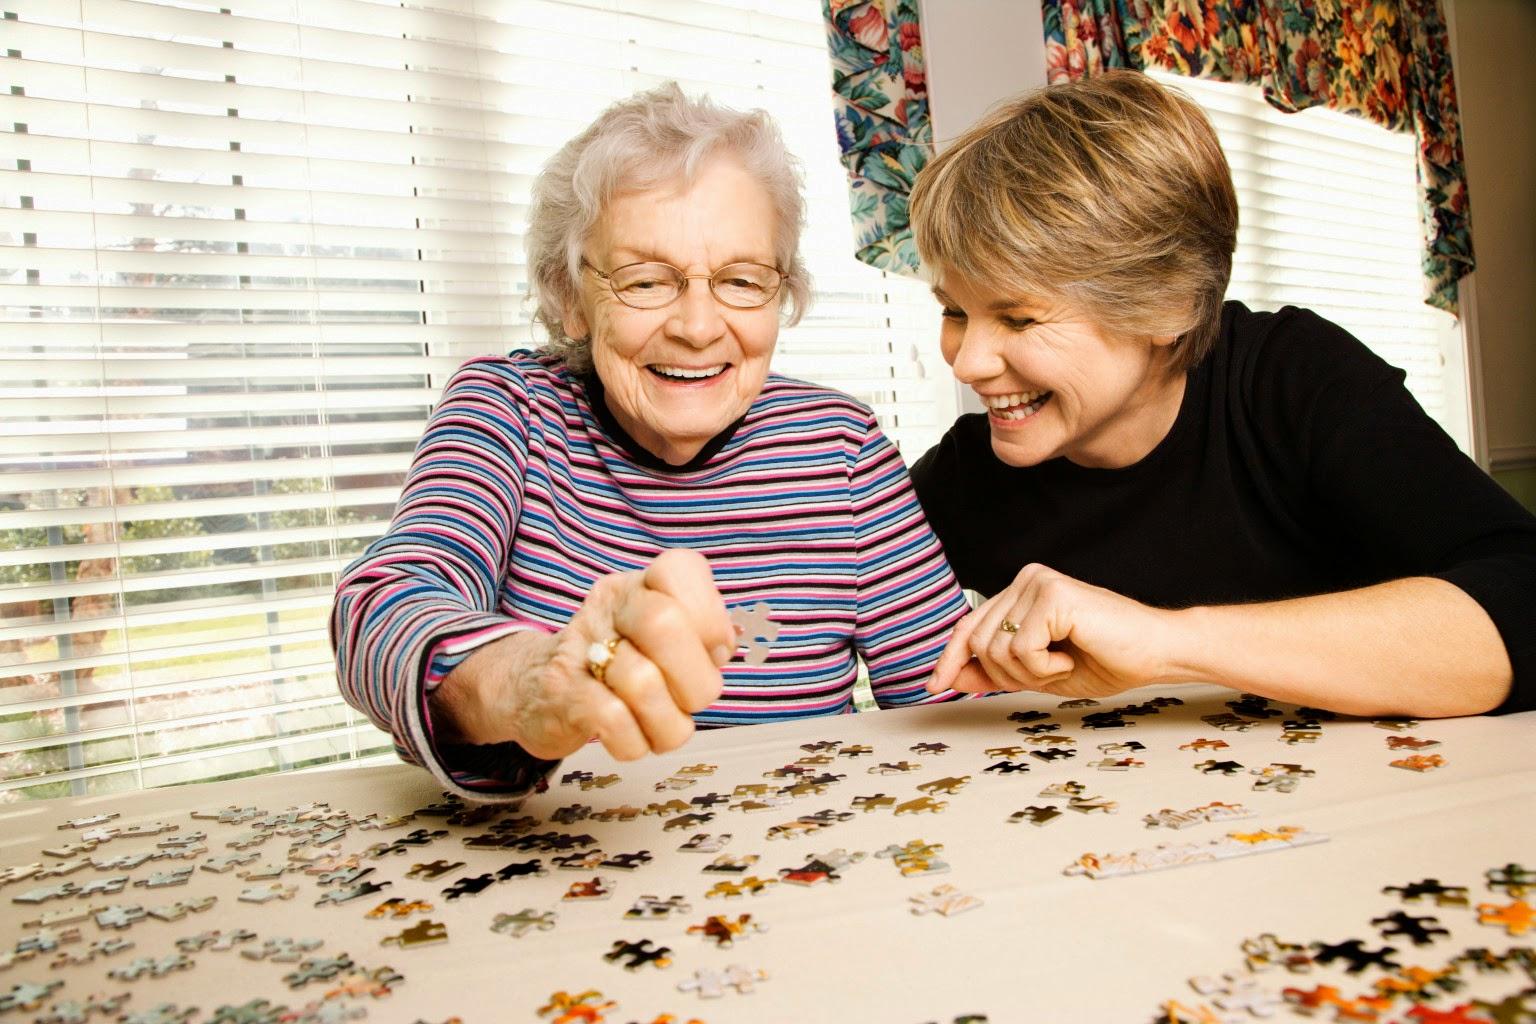 Cara Merawat Orang Tua Lansia / Lanjut Usia di Rumah, Tips Rawat OrangTua, Kakek. Nenek yang Sudah Tua Umurnya